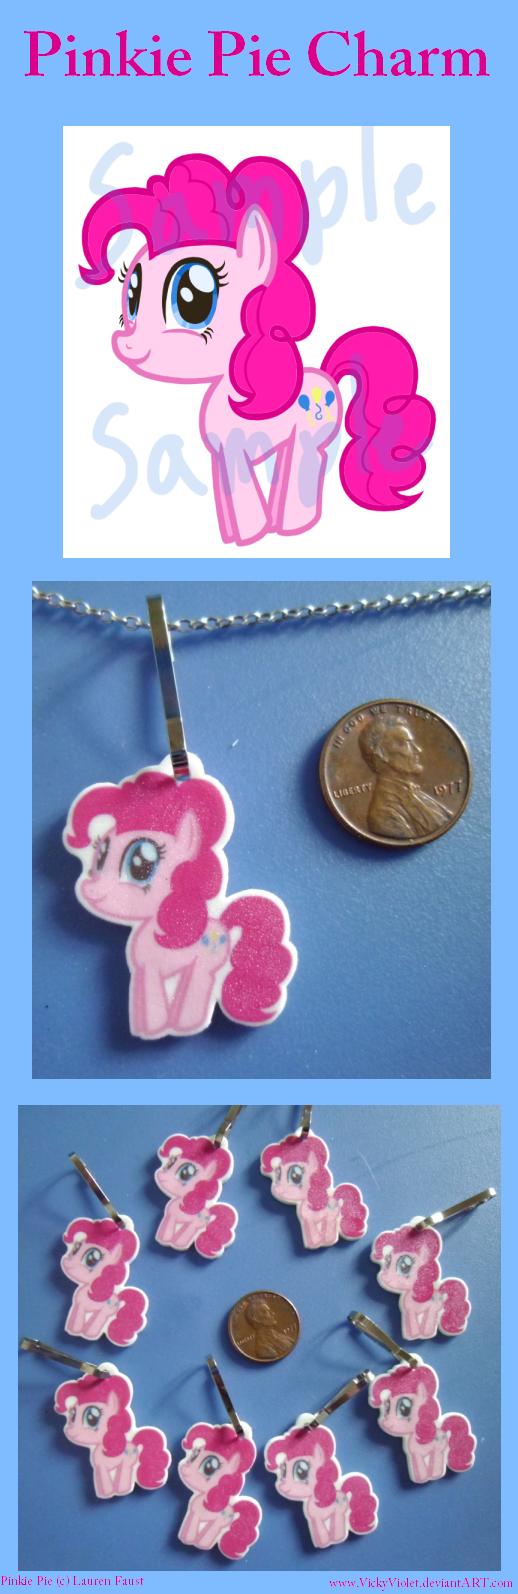 Pinkie Pie Charm by VickyViolet